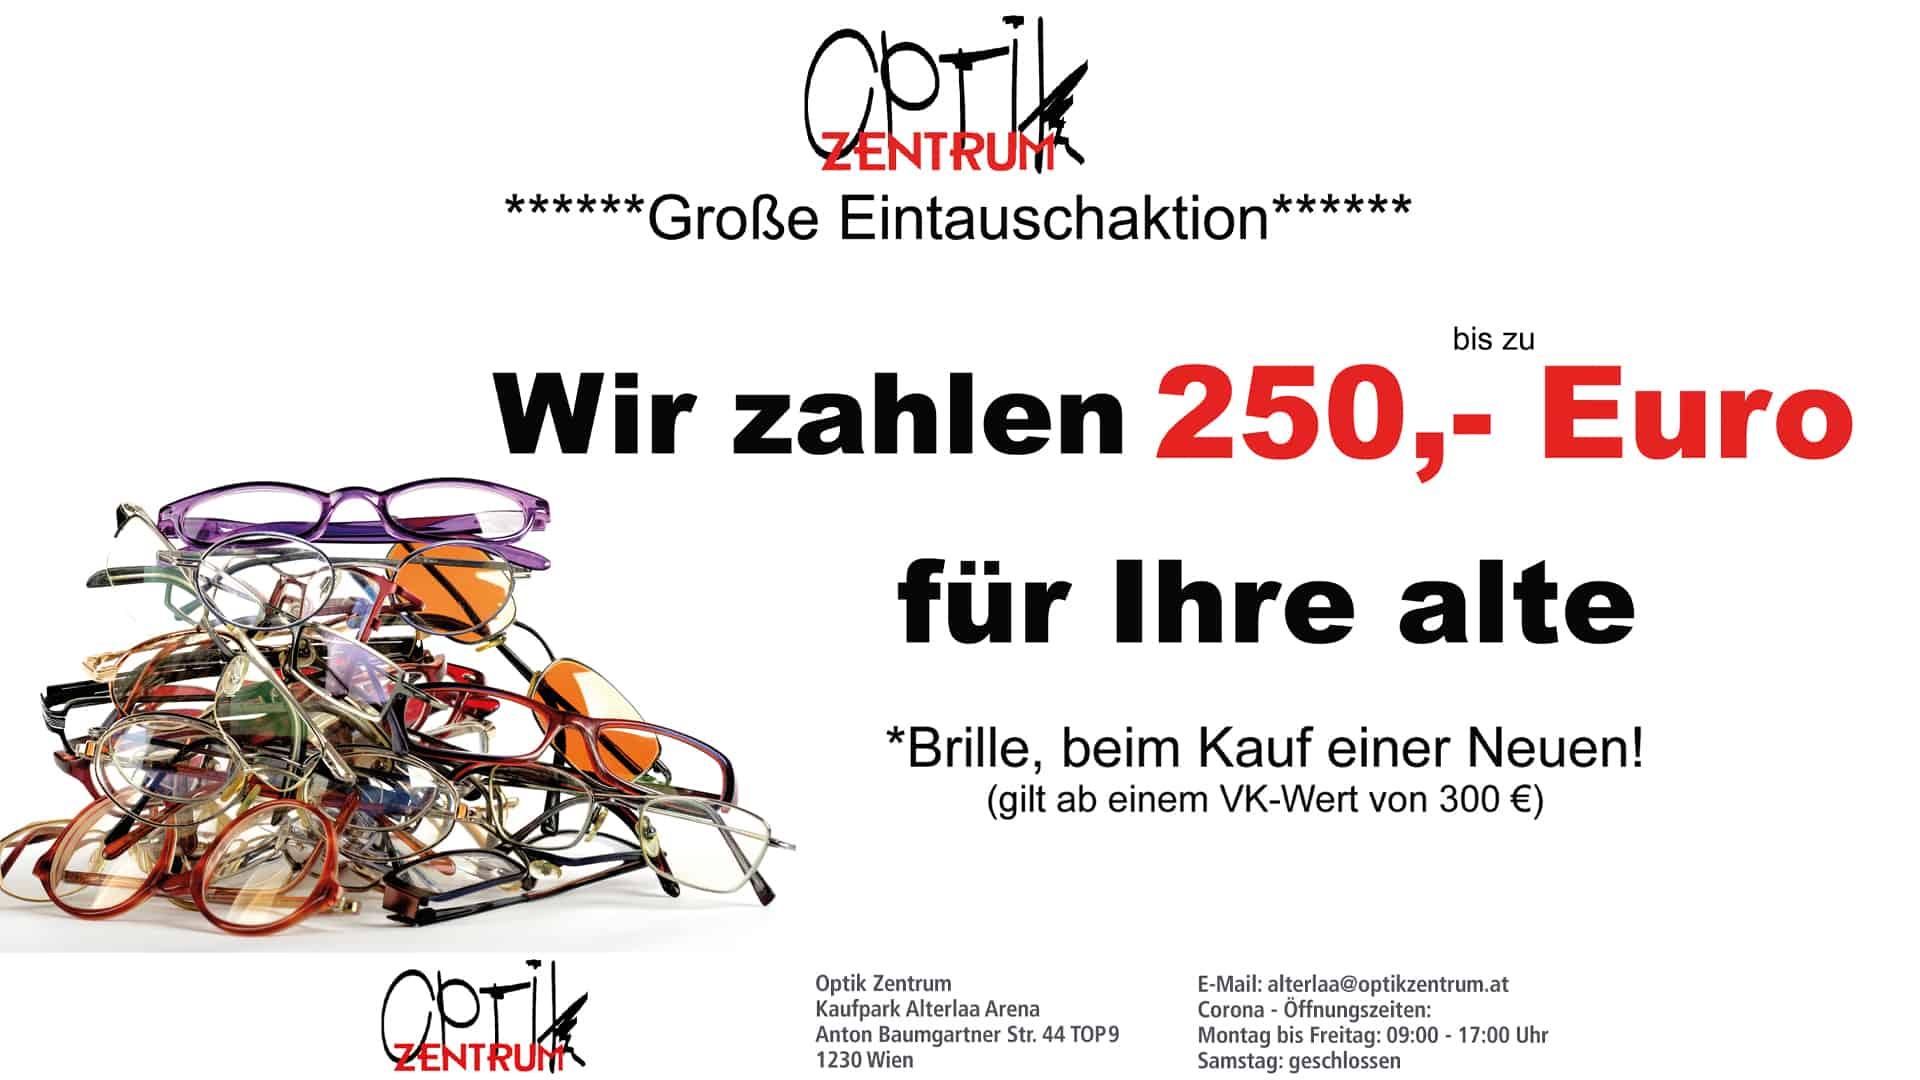 OptikZentrumSept21